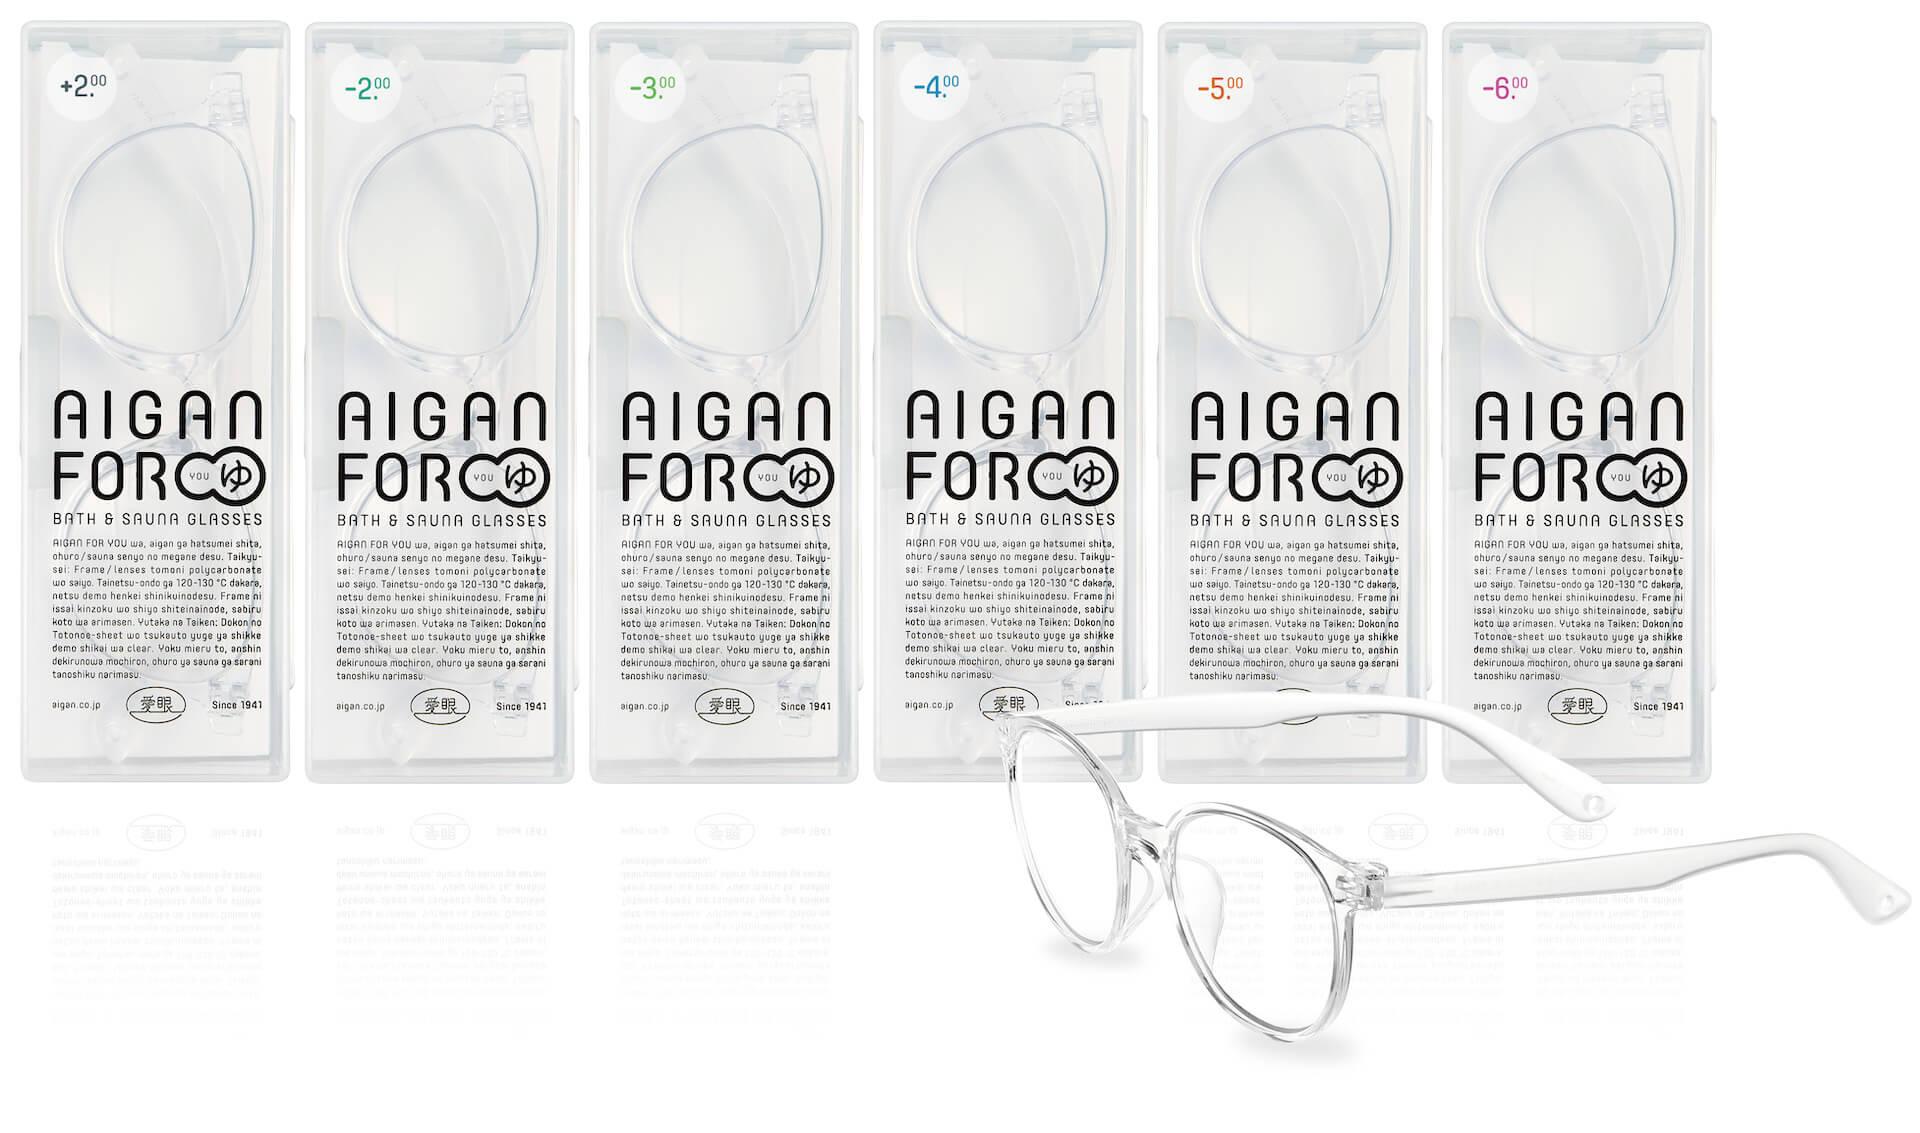 メガネの愛眼からファッショナブルなサウナ用メガネが登場!「アイガン FORゆII」が販売開始 life210610_aigan_sauna_7